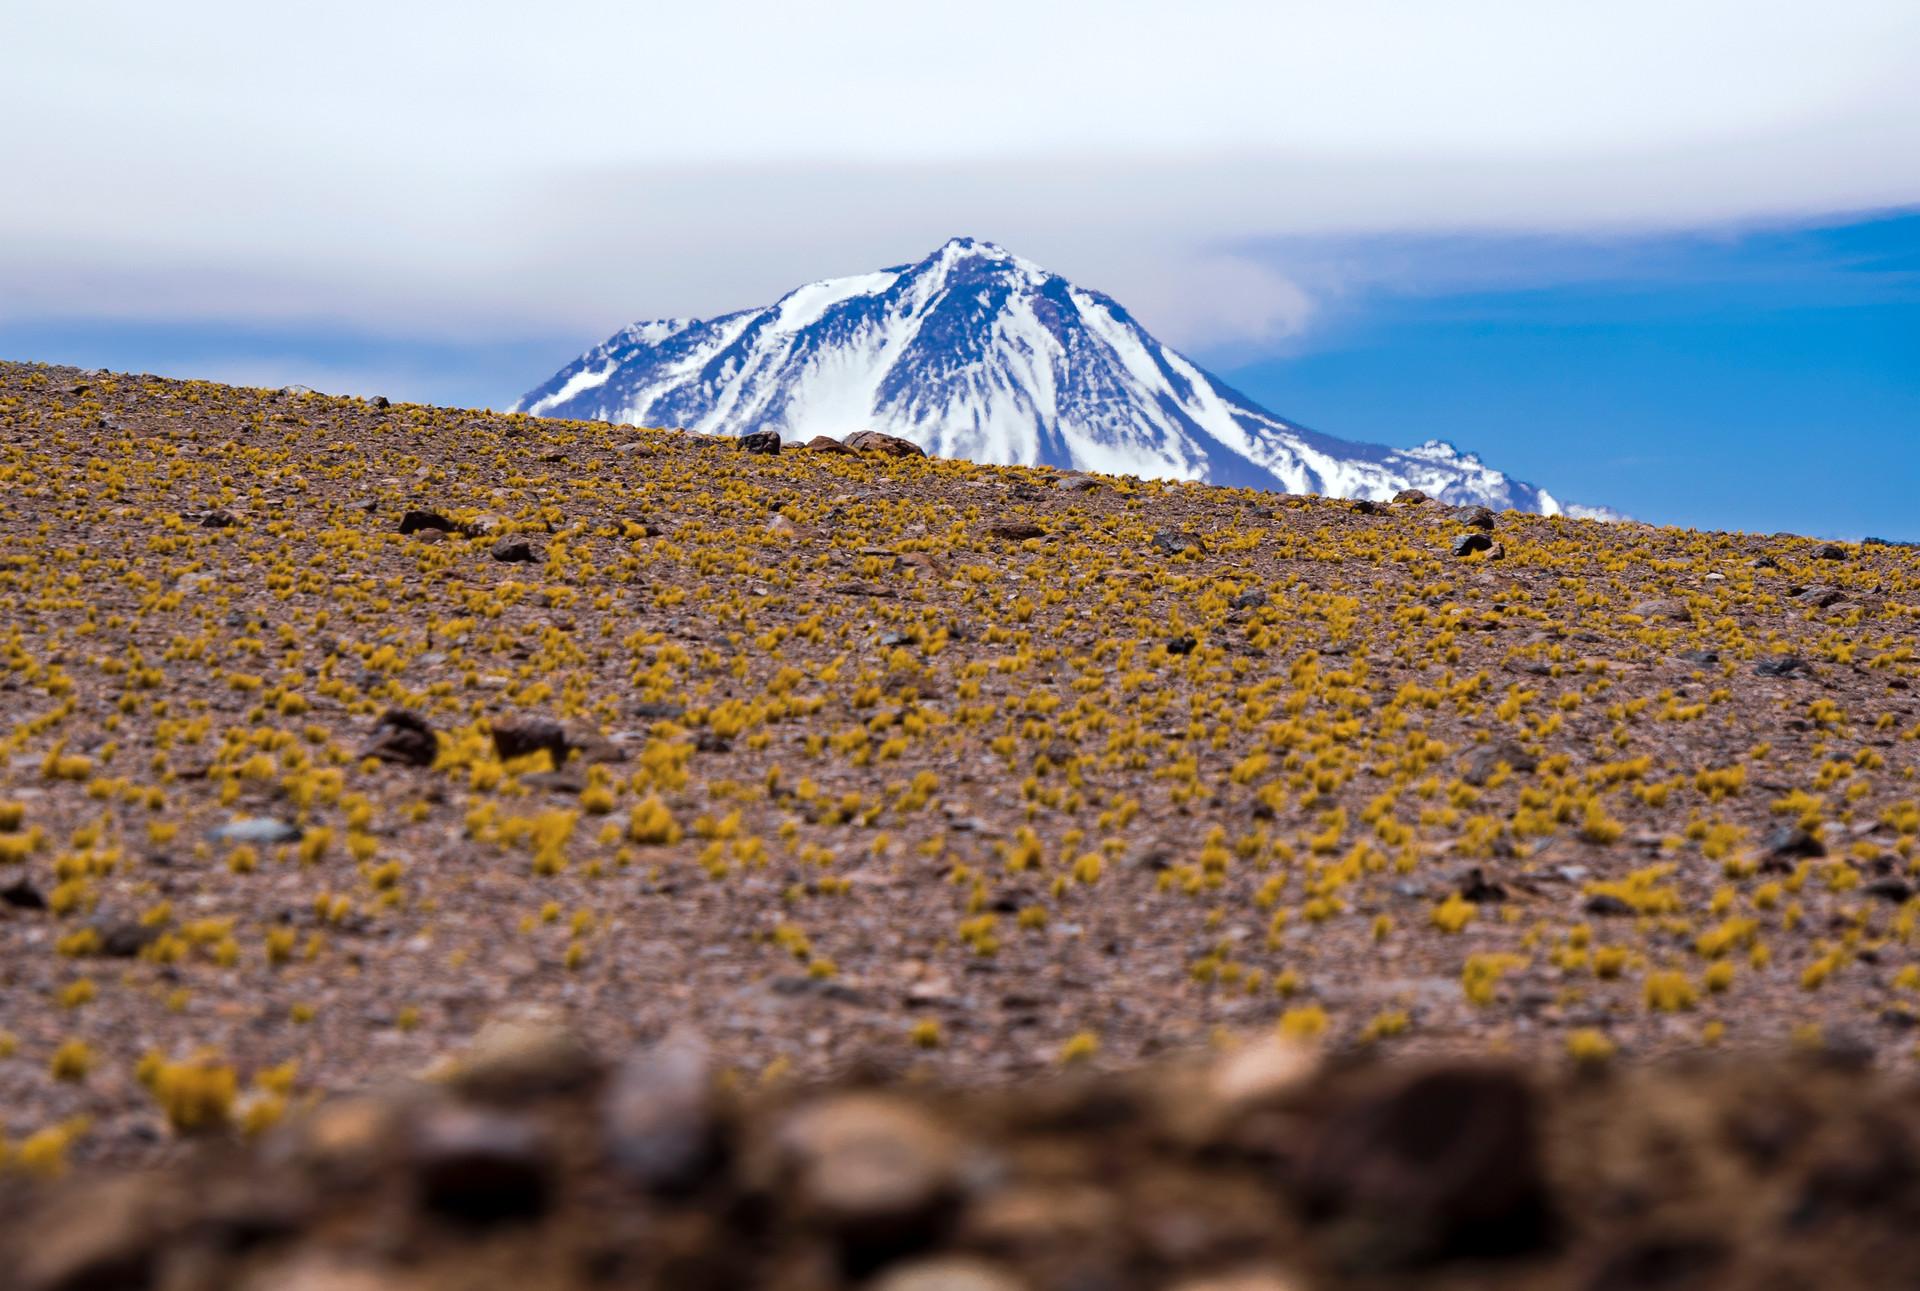 El complejo arqueológico inca del Volcán Llullaillaco, 6739 metros, Provincia de Salta, Argentina. (Fotografías de la campaña científica del año 2015)